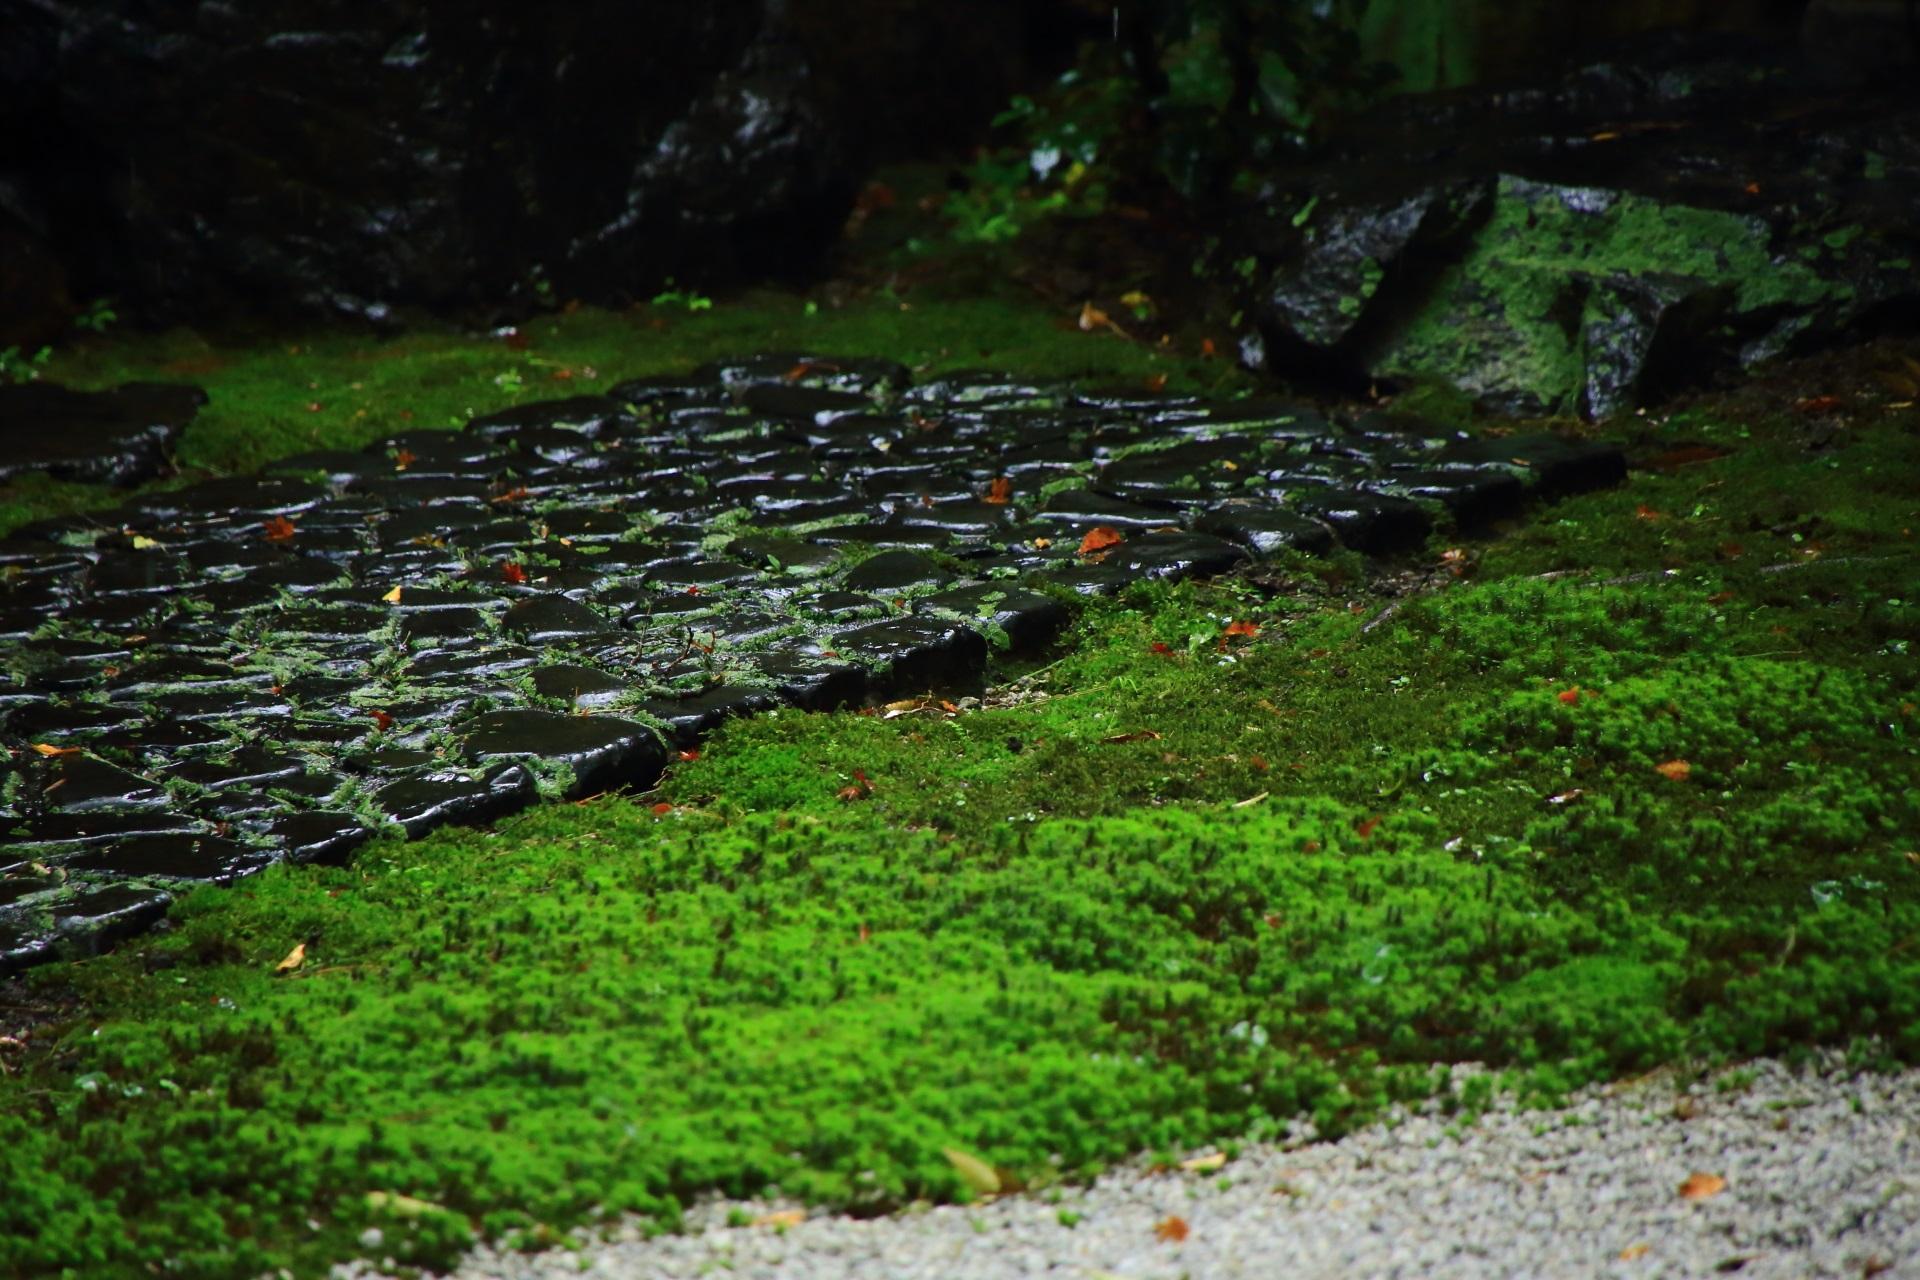 雨に濡れた美しい苔と石畳